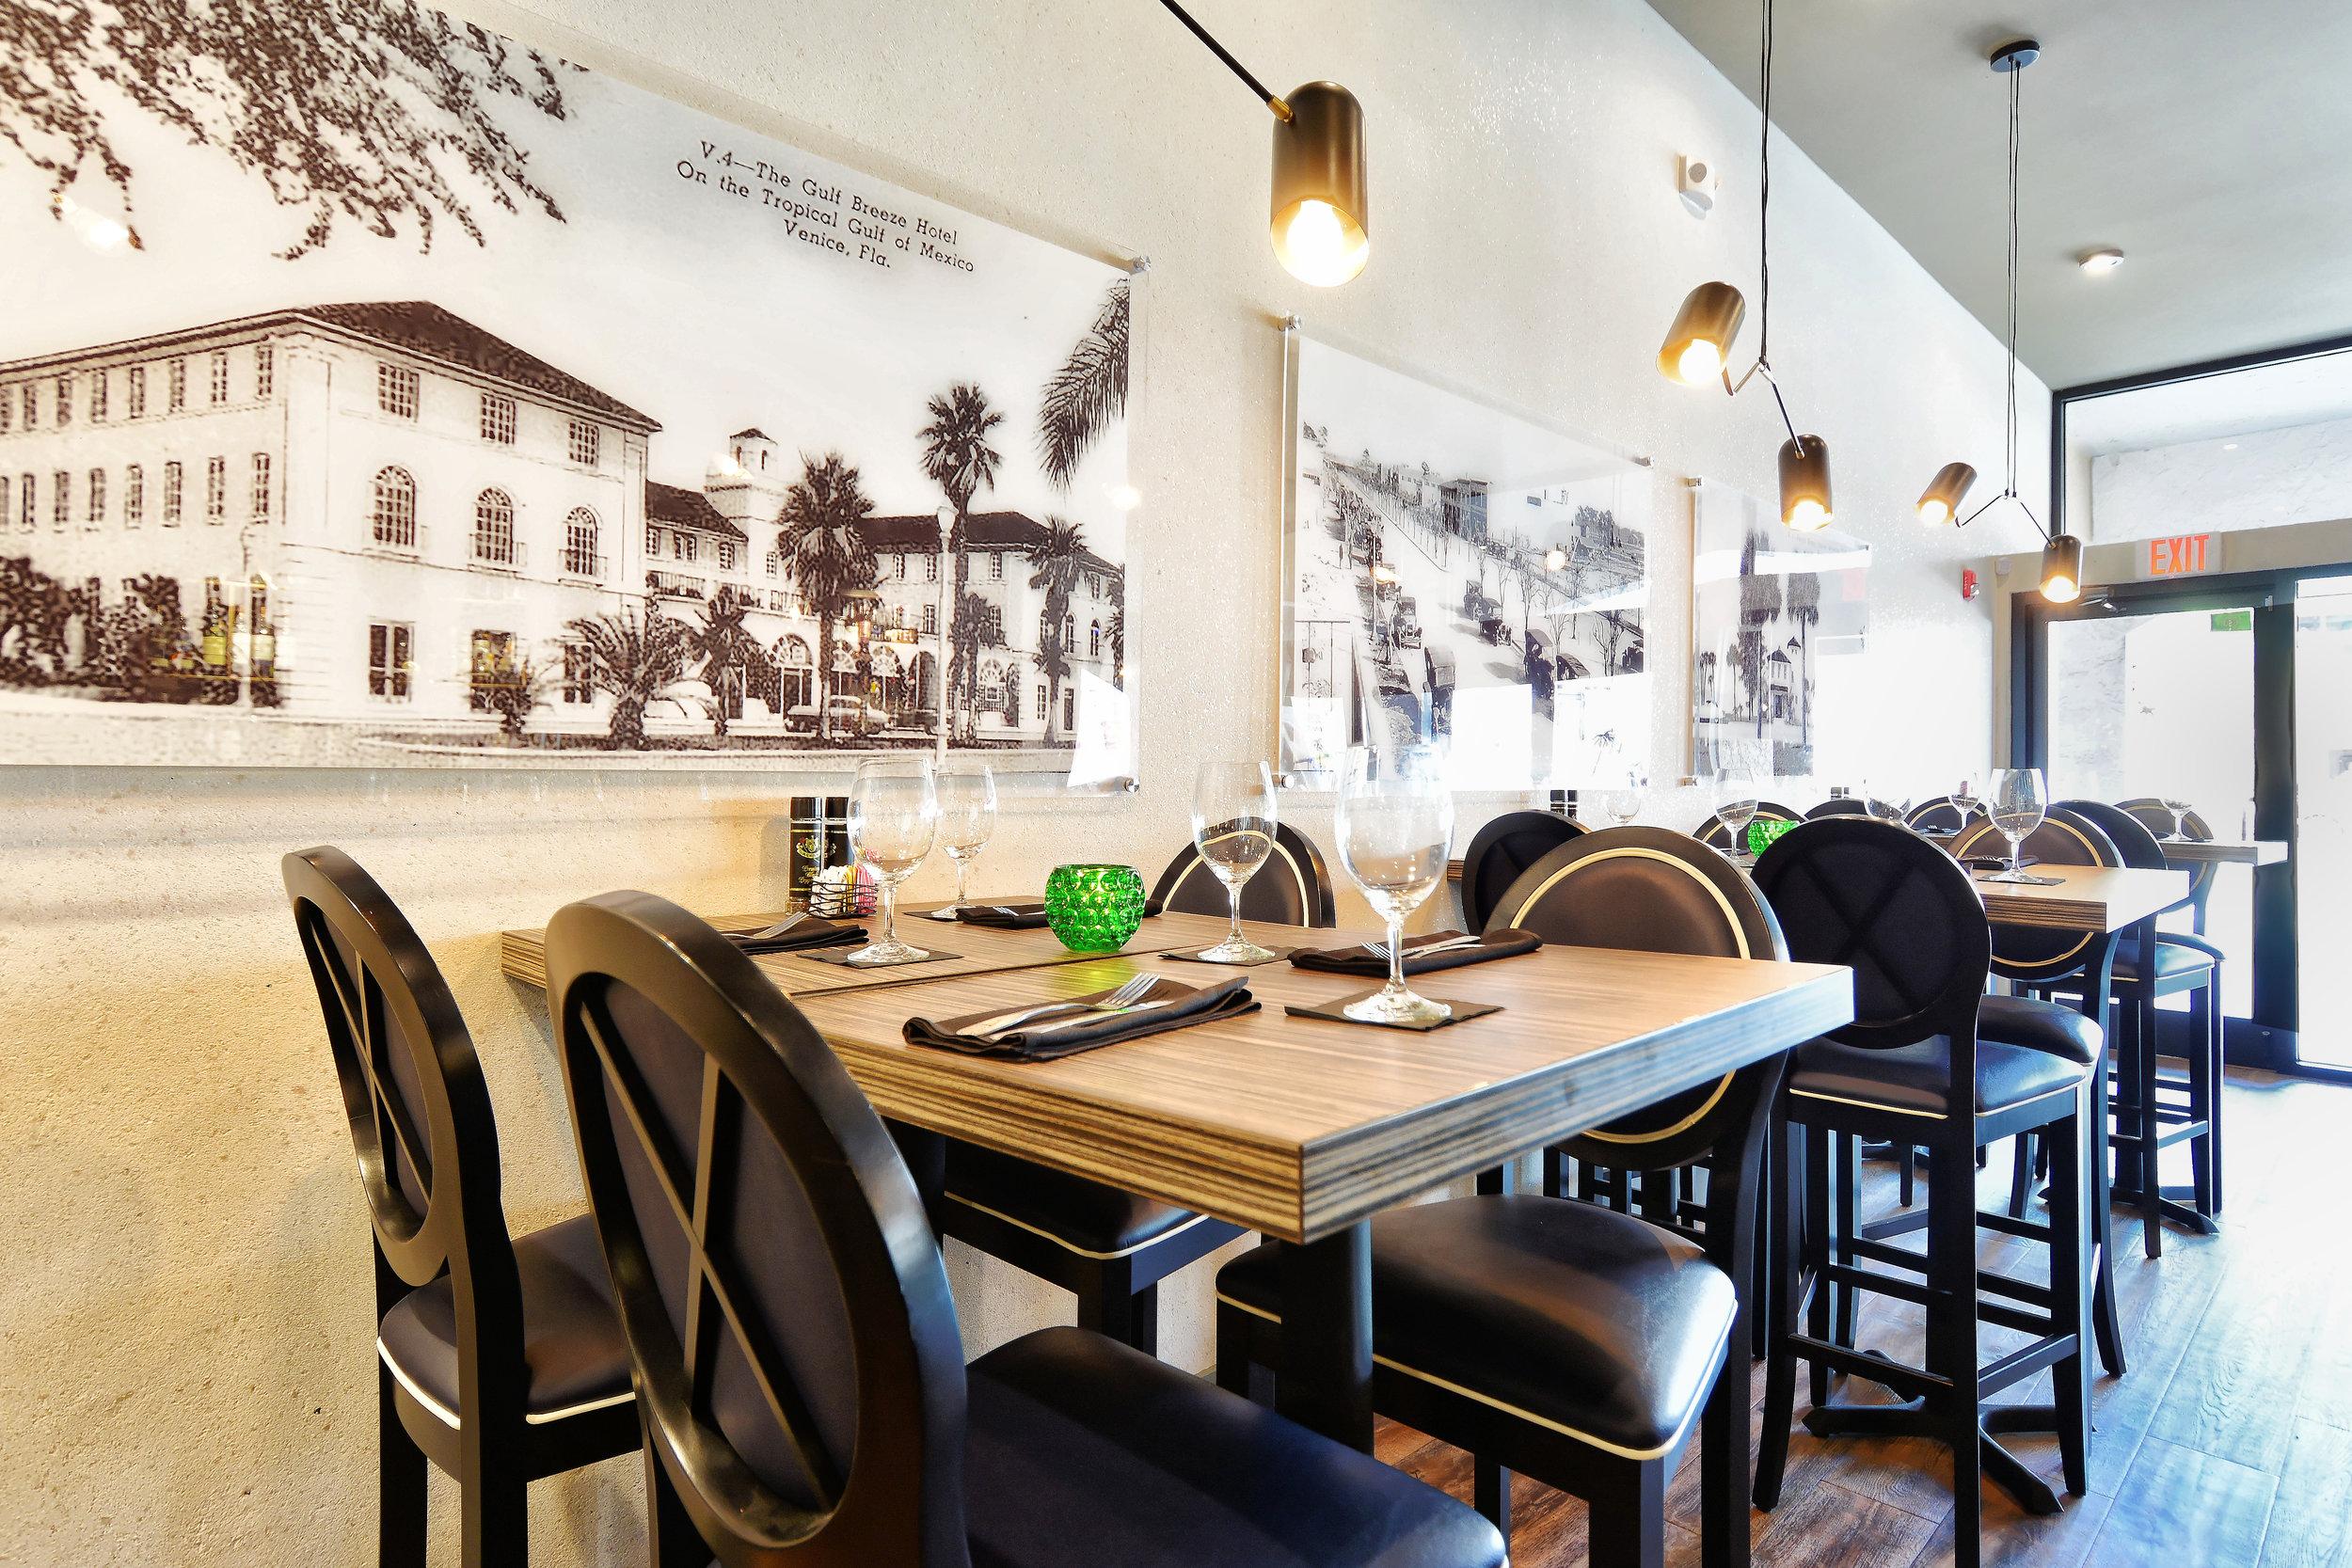 101-West-Venice-Avenue-Cafe-Venice-124.jpg